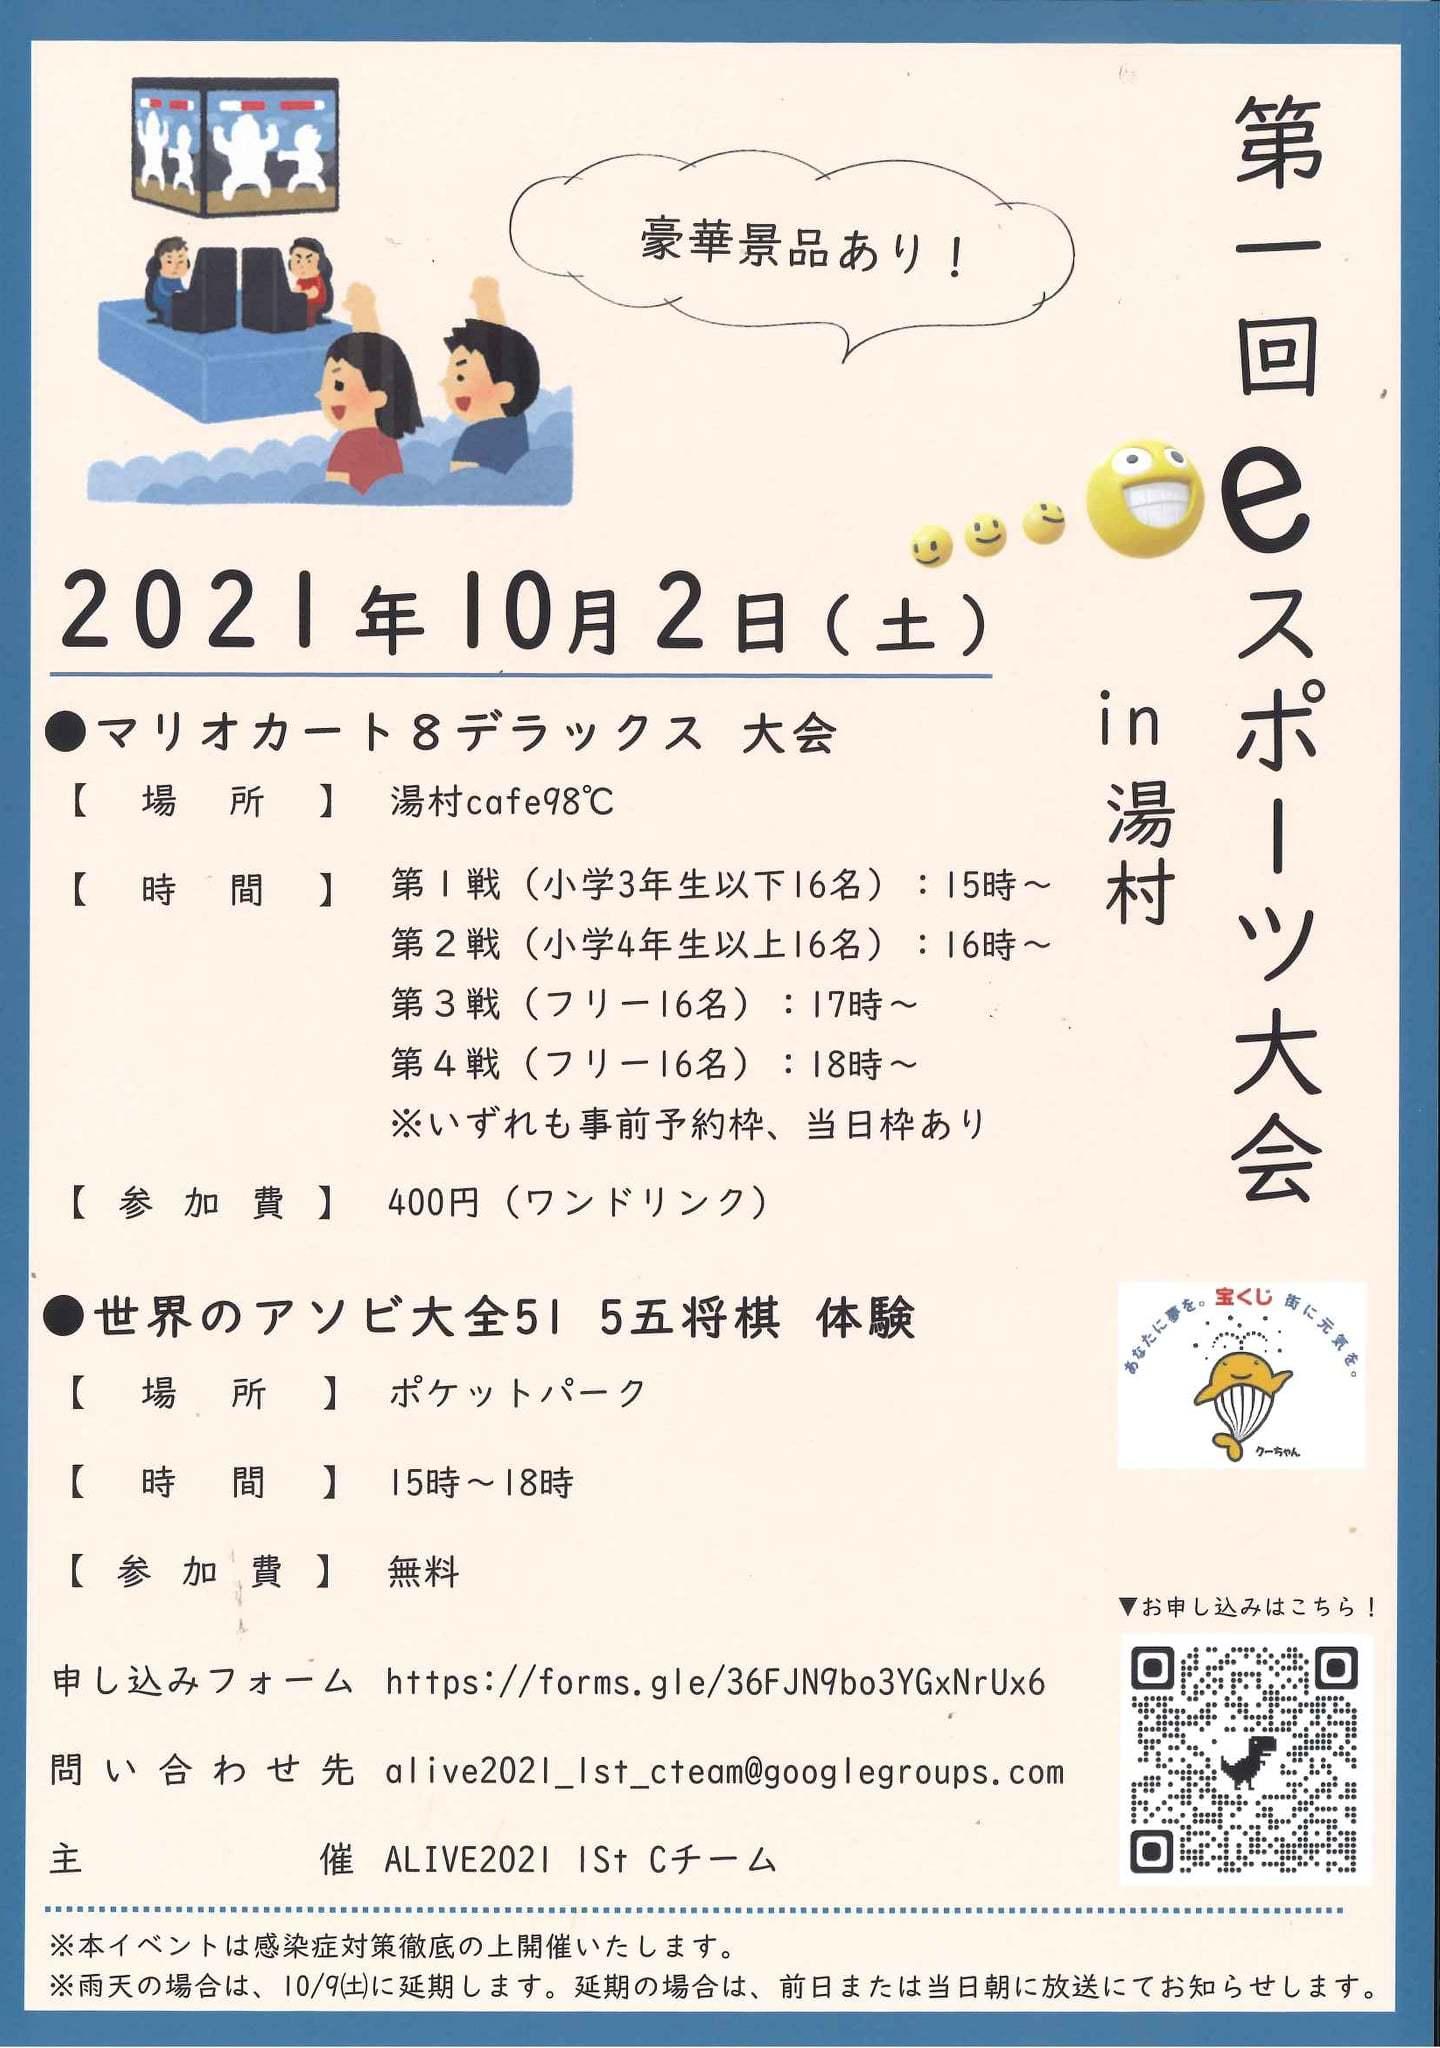 【 10/2イベントのお知らせ】_f0112434_13531382.jpg